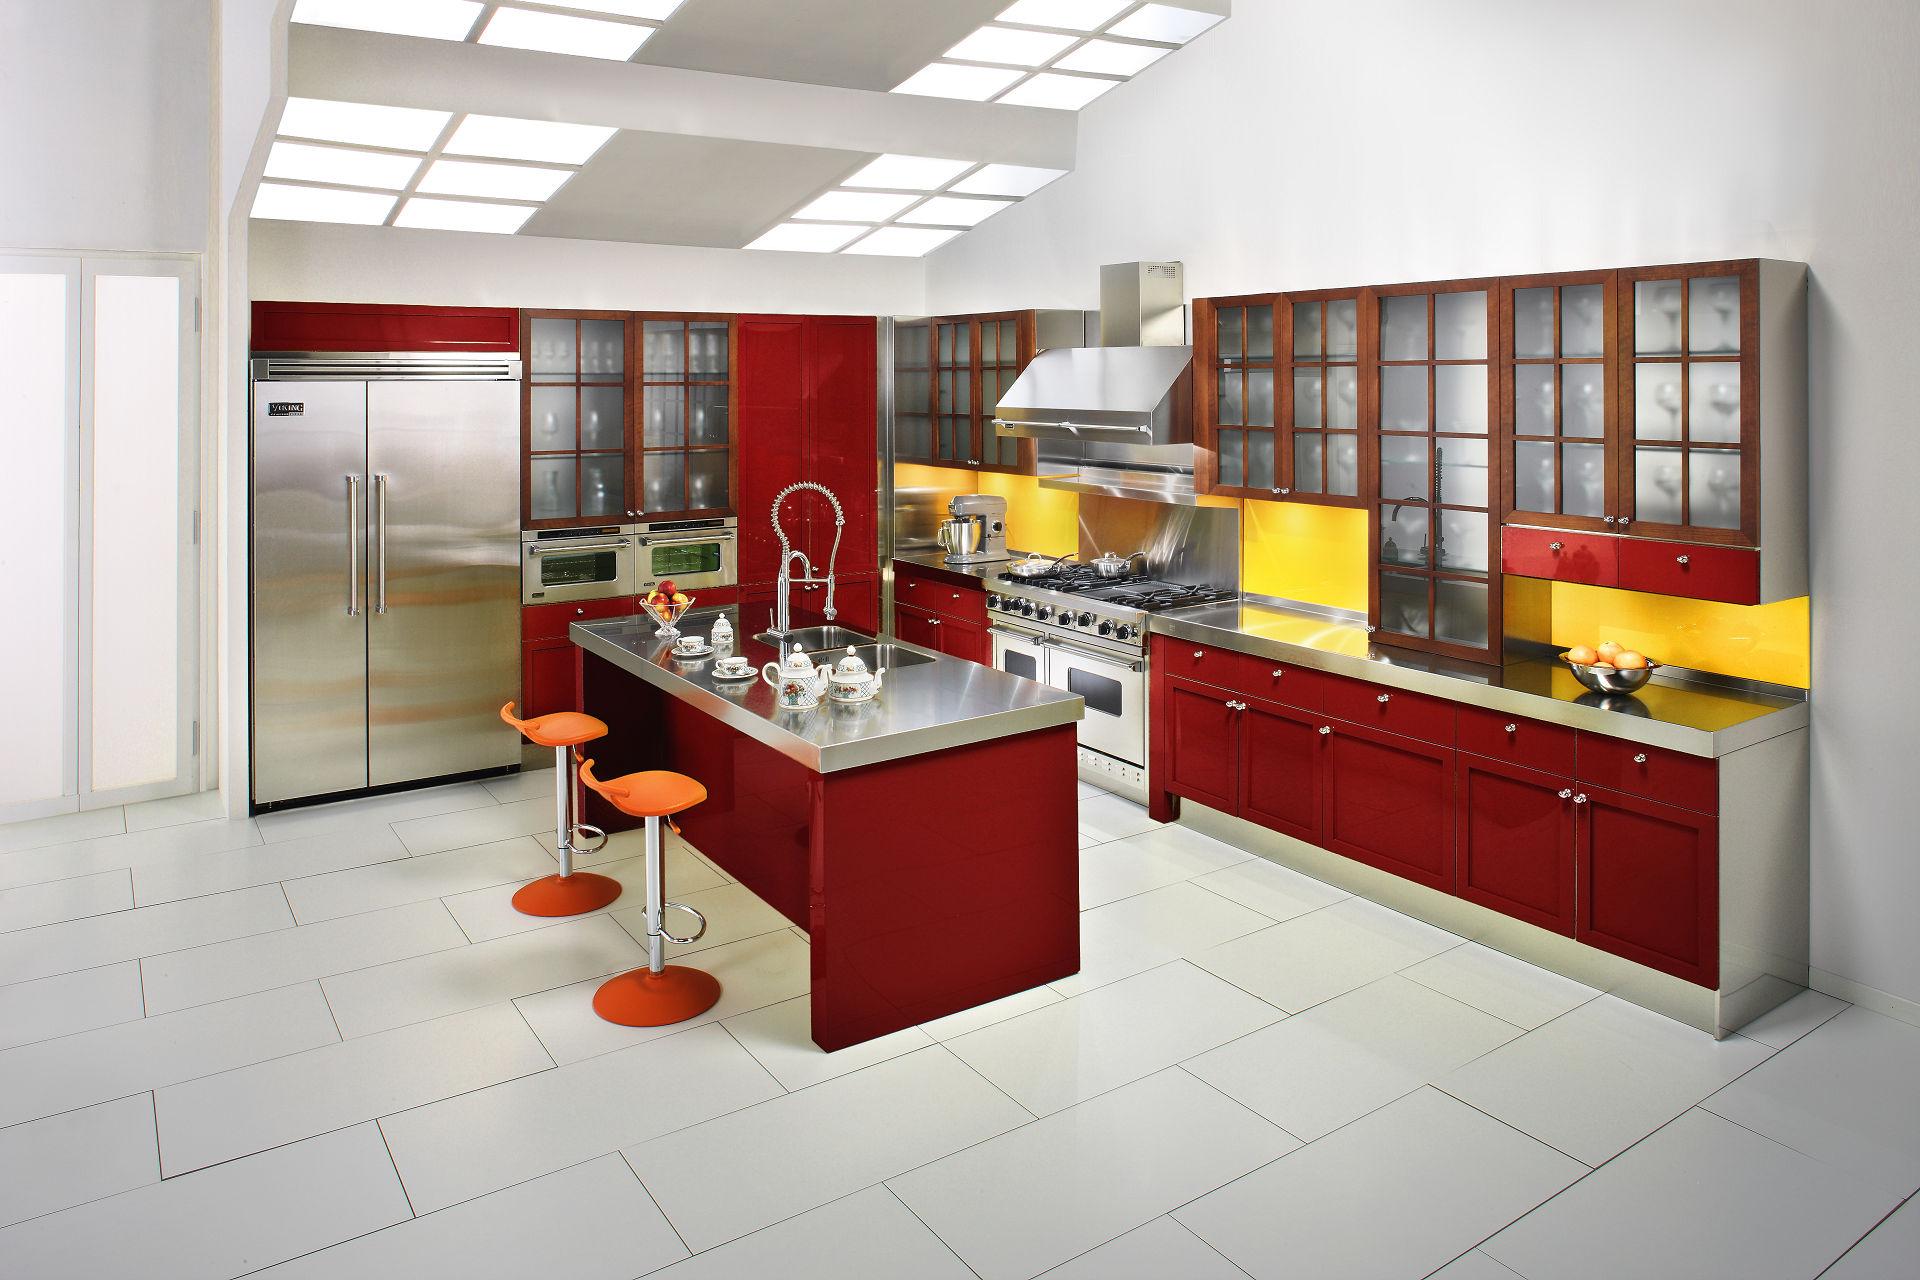 Arca Cucine Italia - Cucine Domestiche in Acciaio Inox - 14 - Cambridge - Rossa